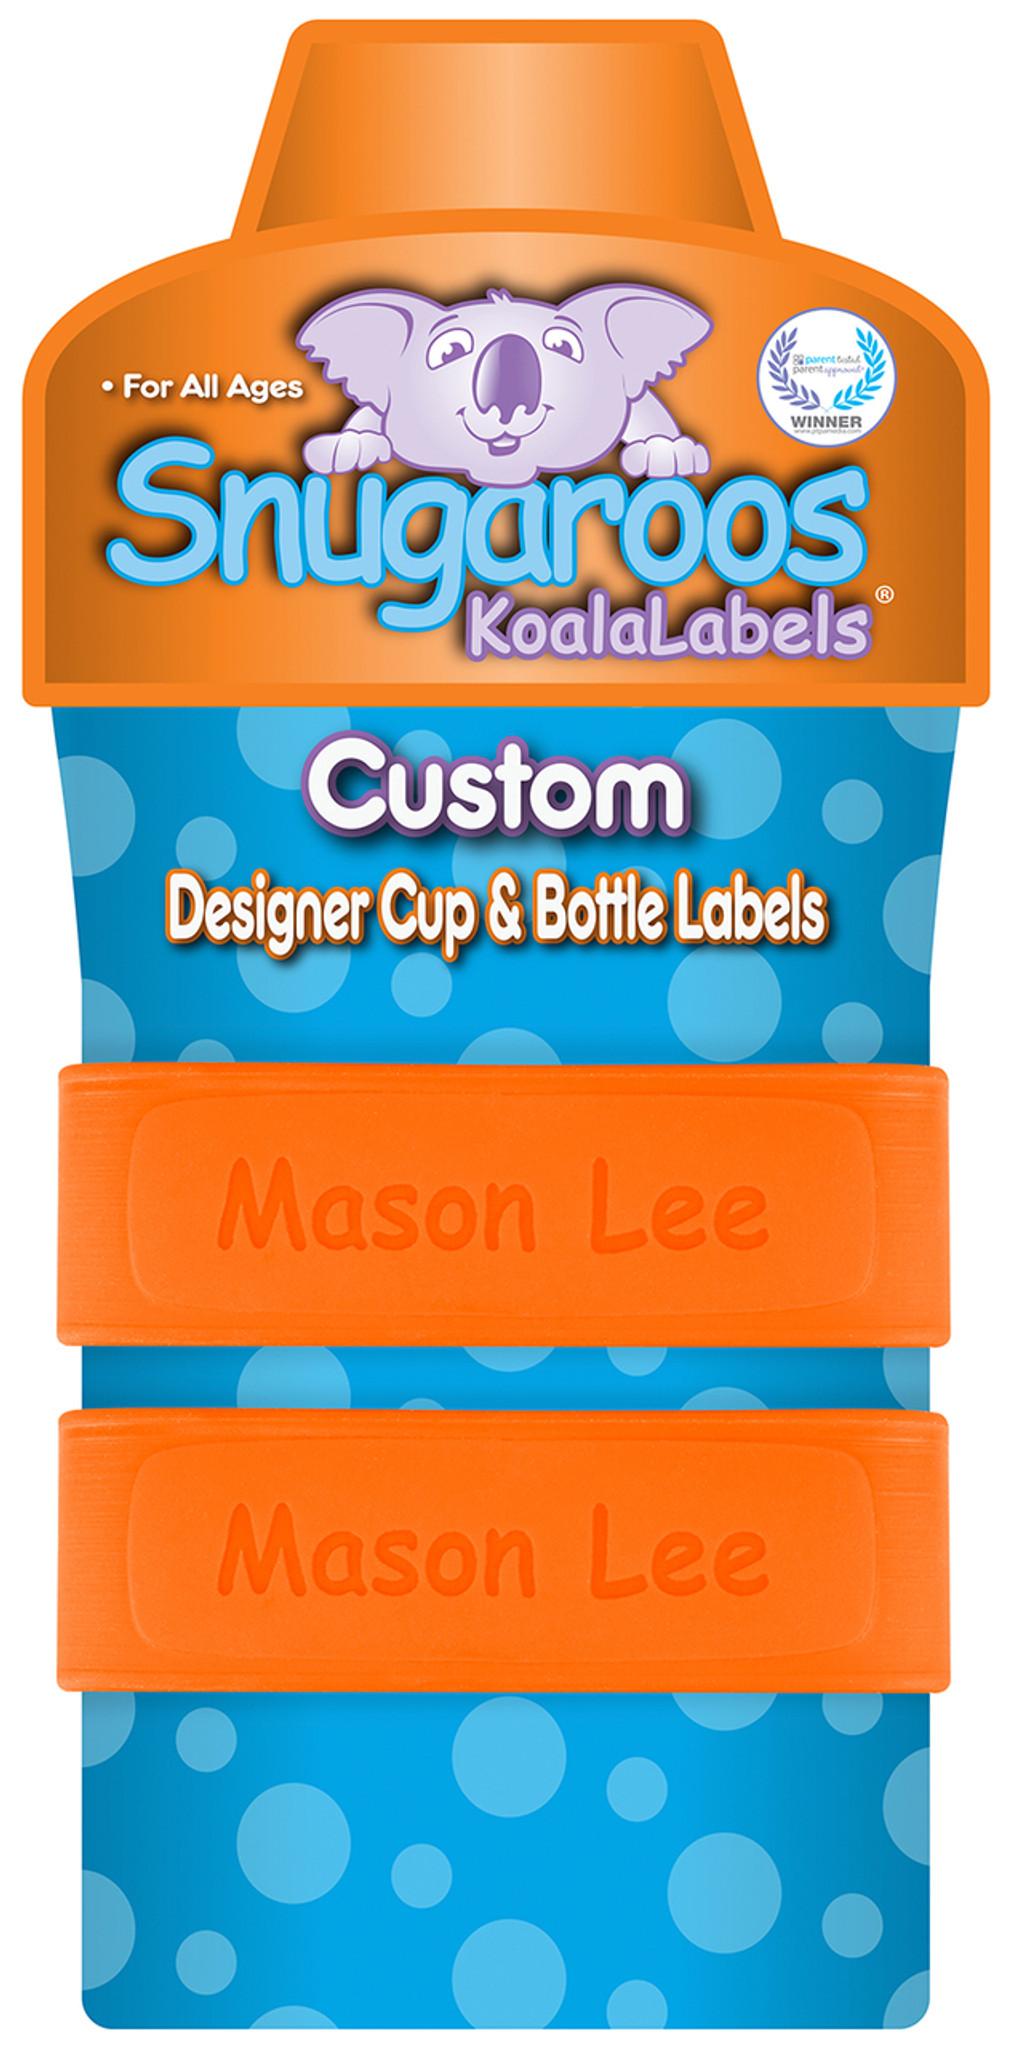 Outrageous Orange 3d Koala Labels